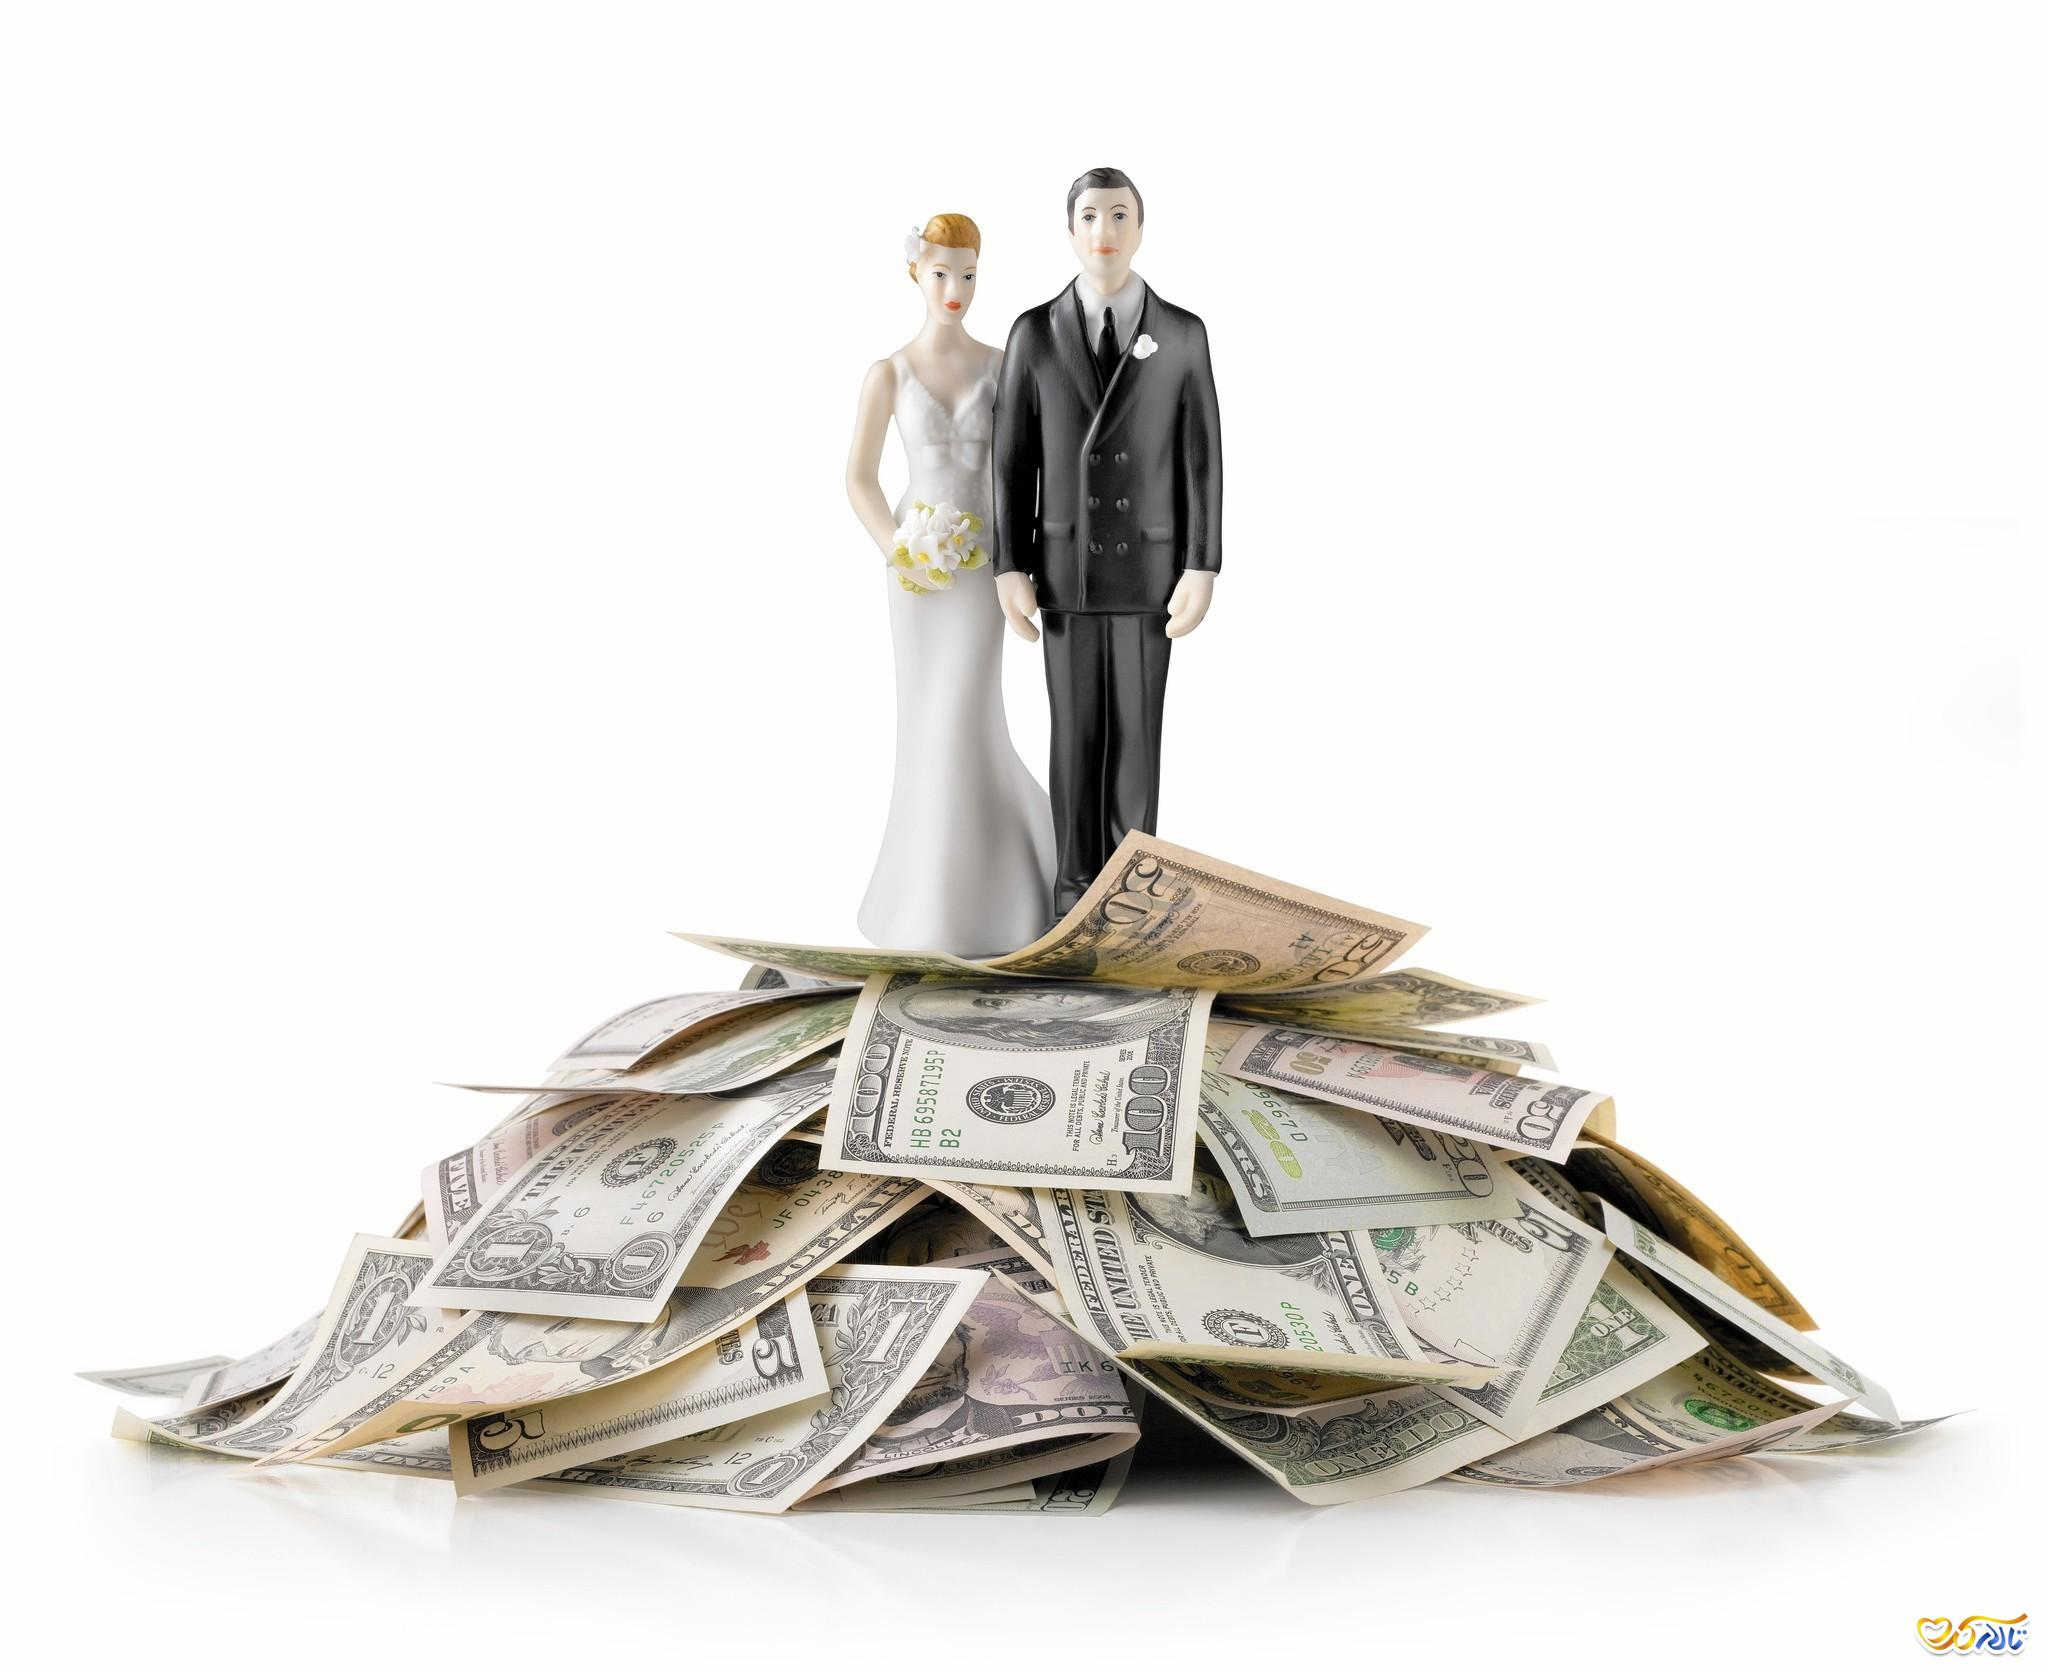 هزینه عروسی